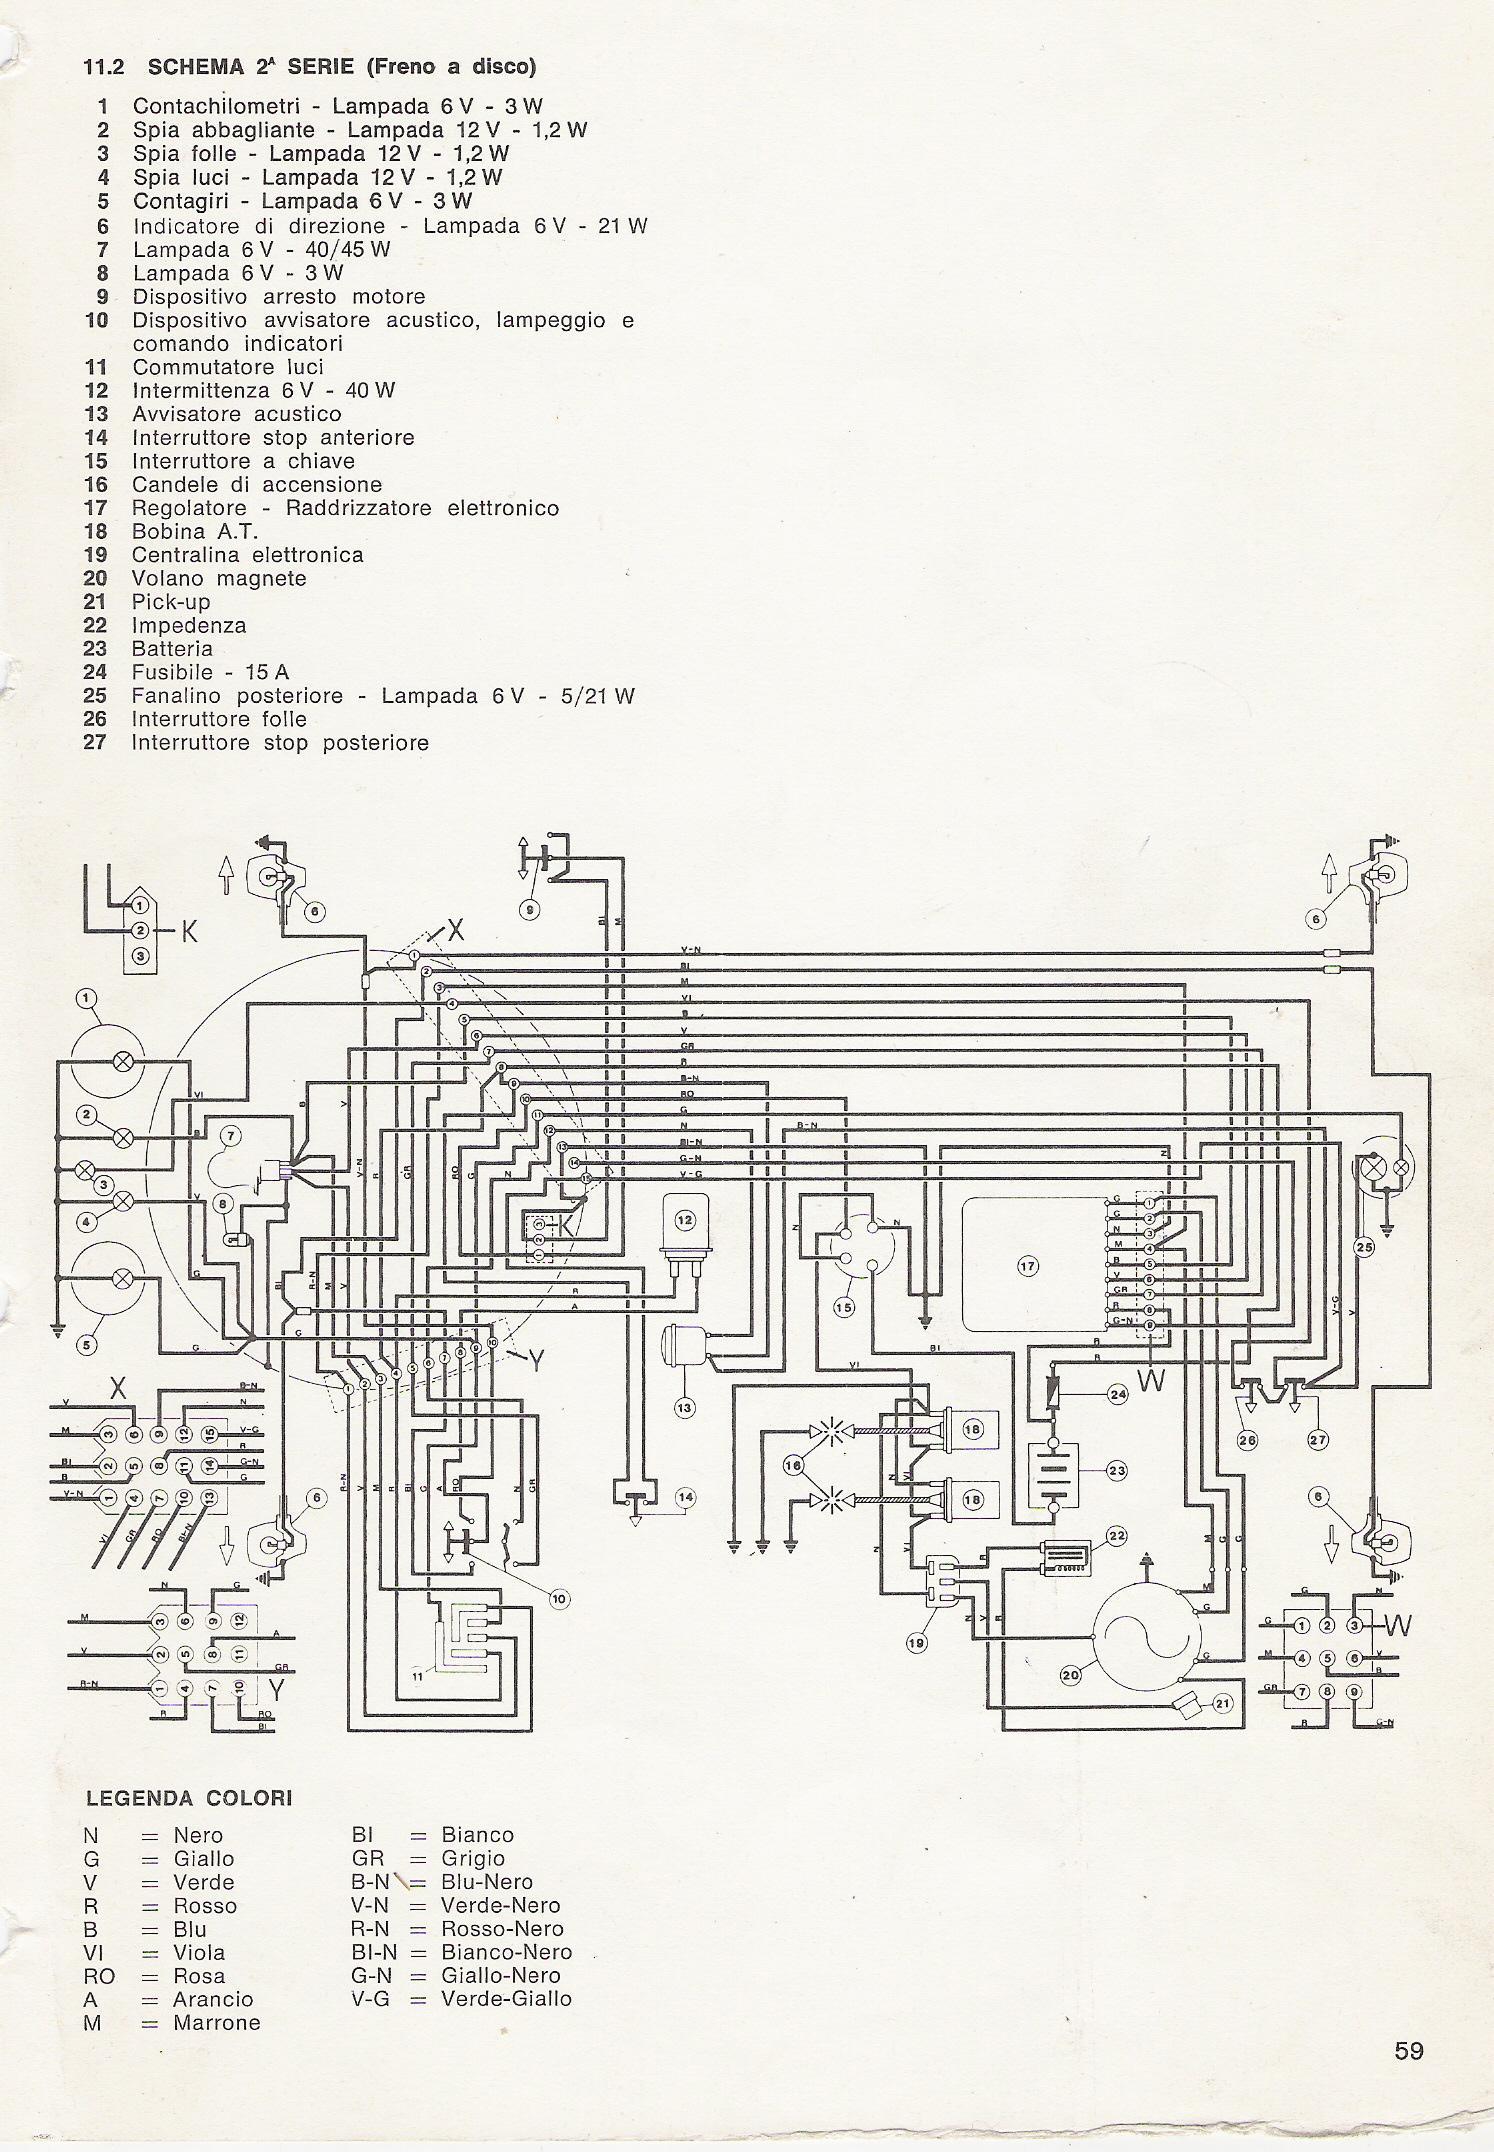 Schema Elettrico Max 250 : Technik daten benelli ig